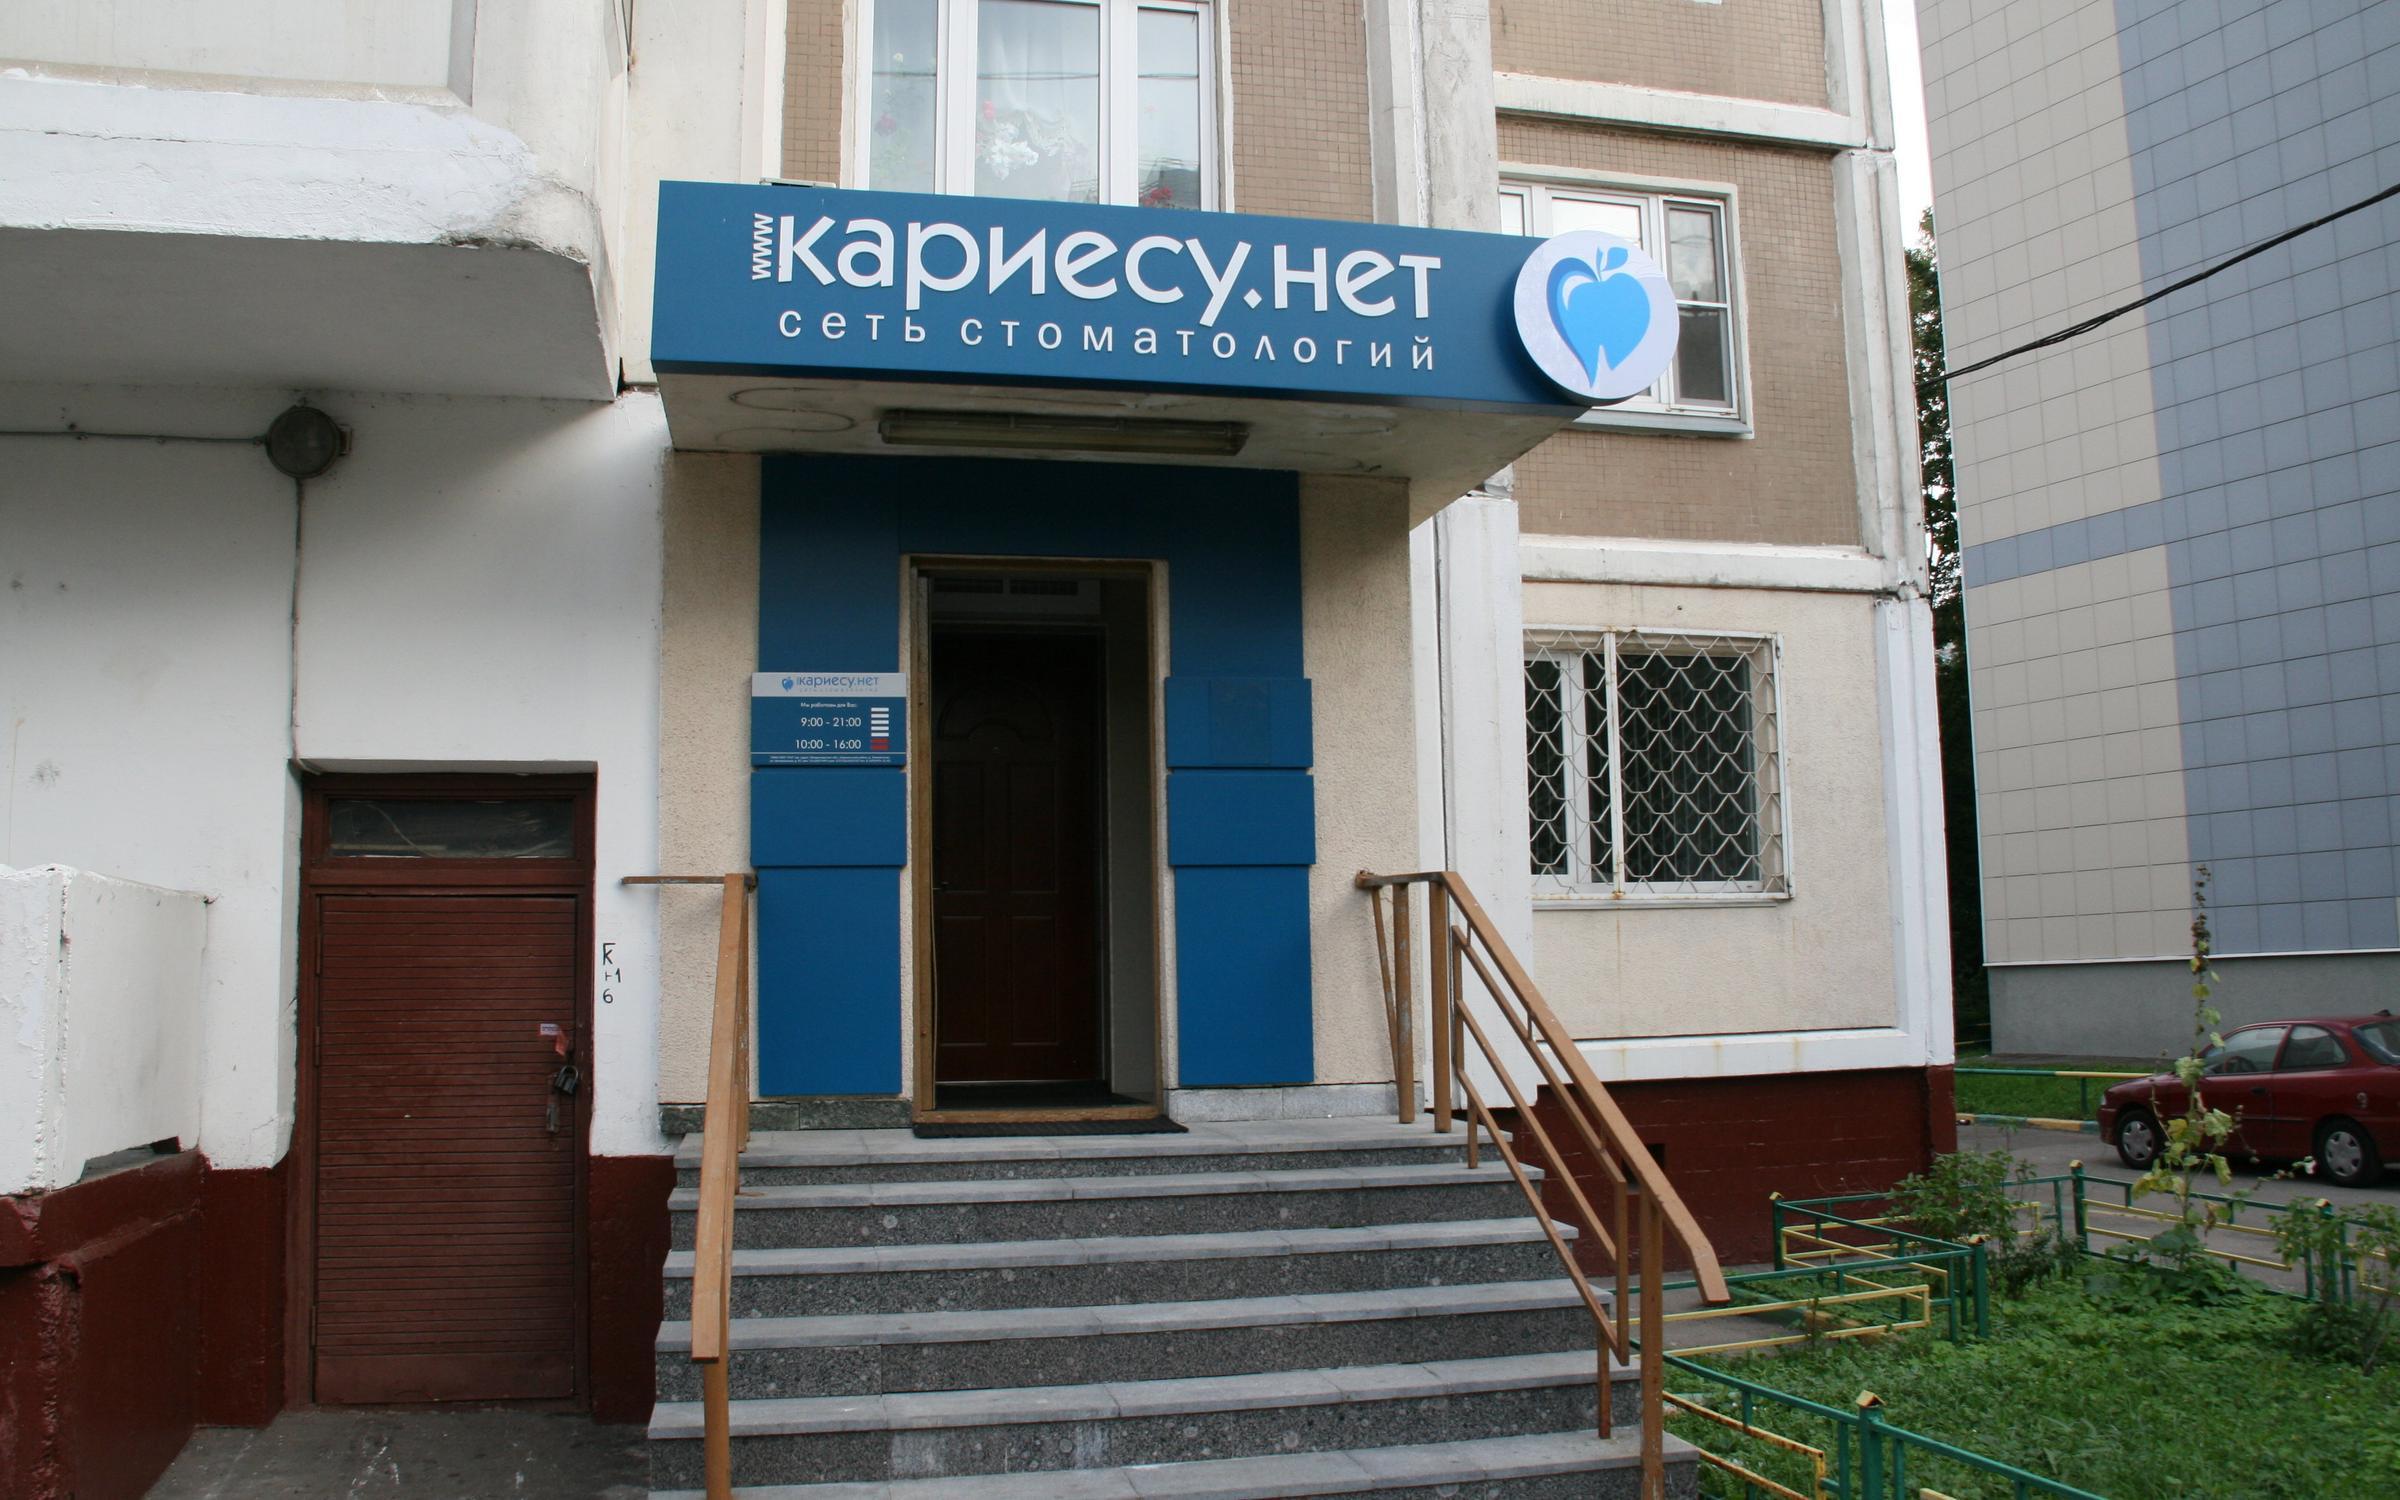 Лечение кариеса зубов в Москве, цены в стоматологии «Кариесу.нет»